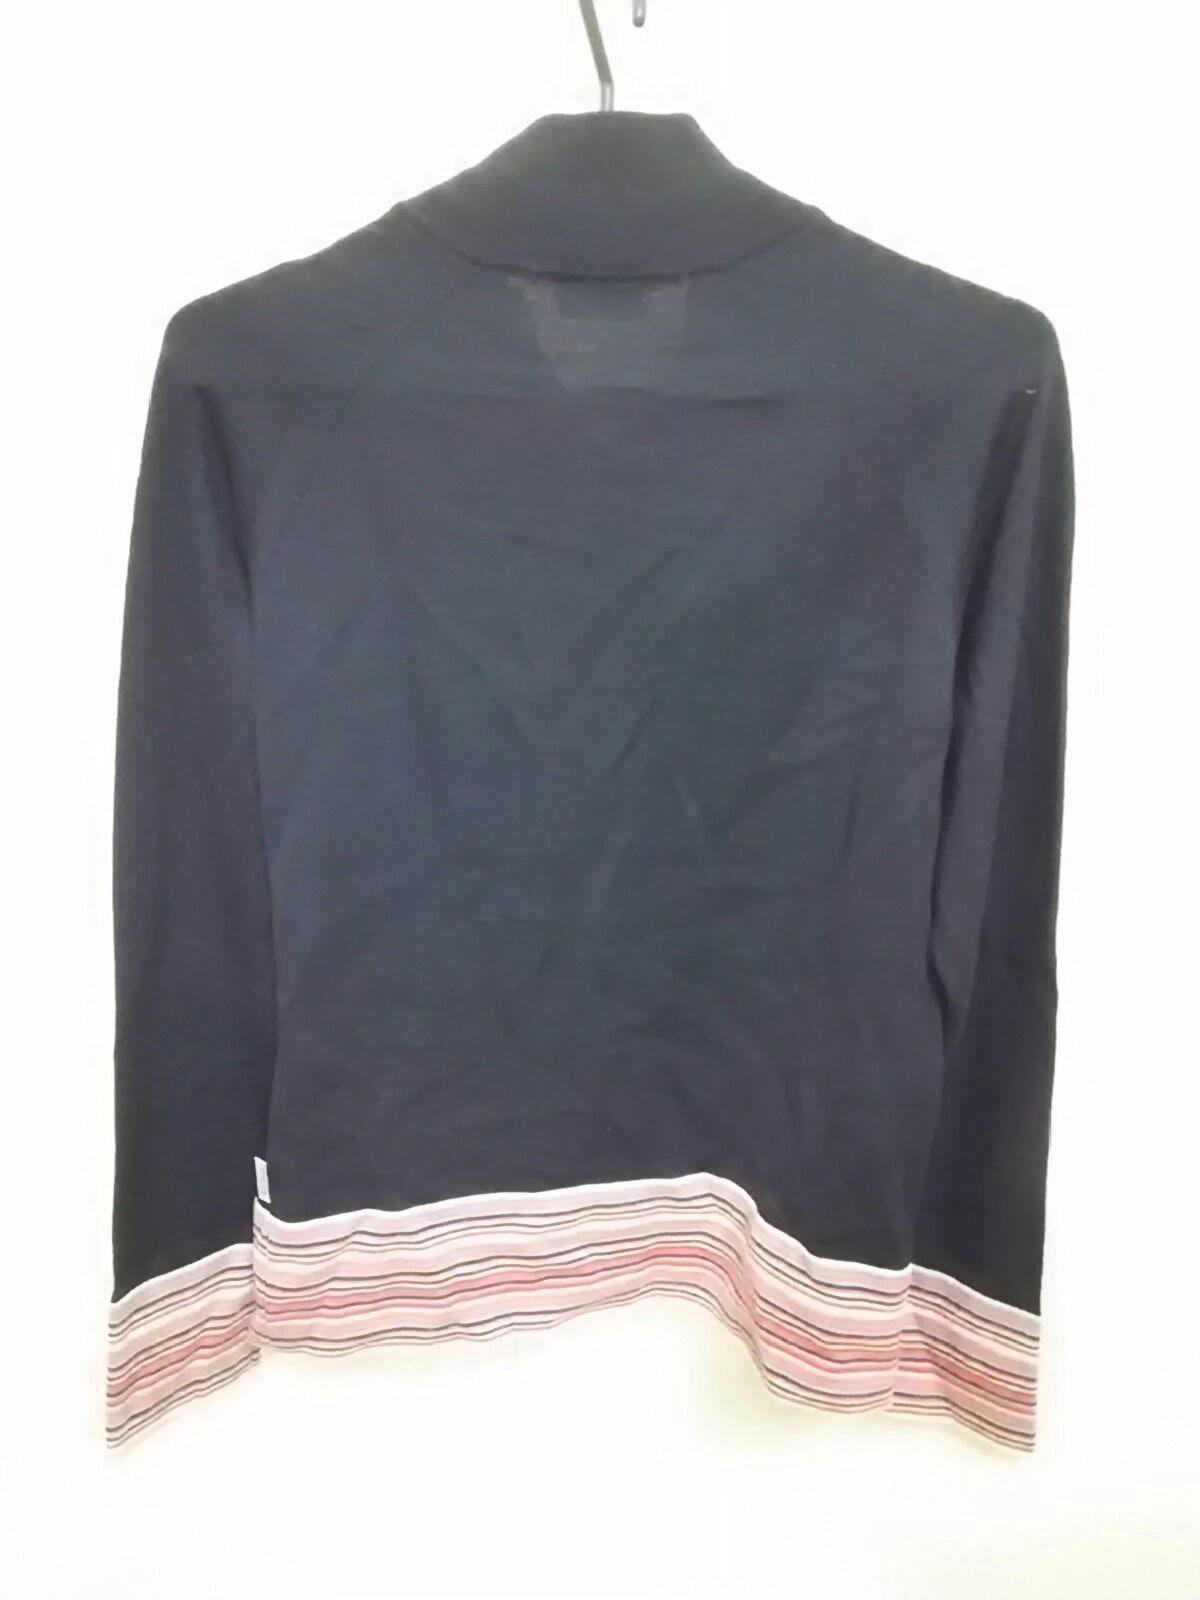 PaulSmith PINK(ポールスミス ピンク)のセーター